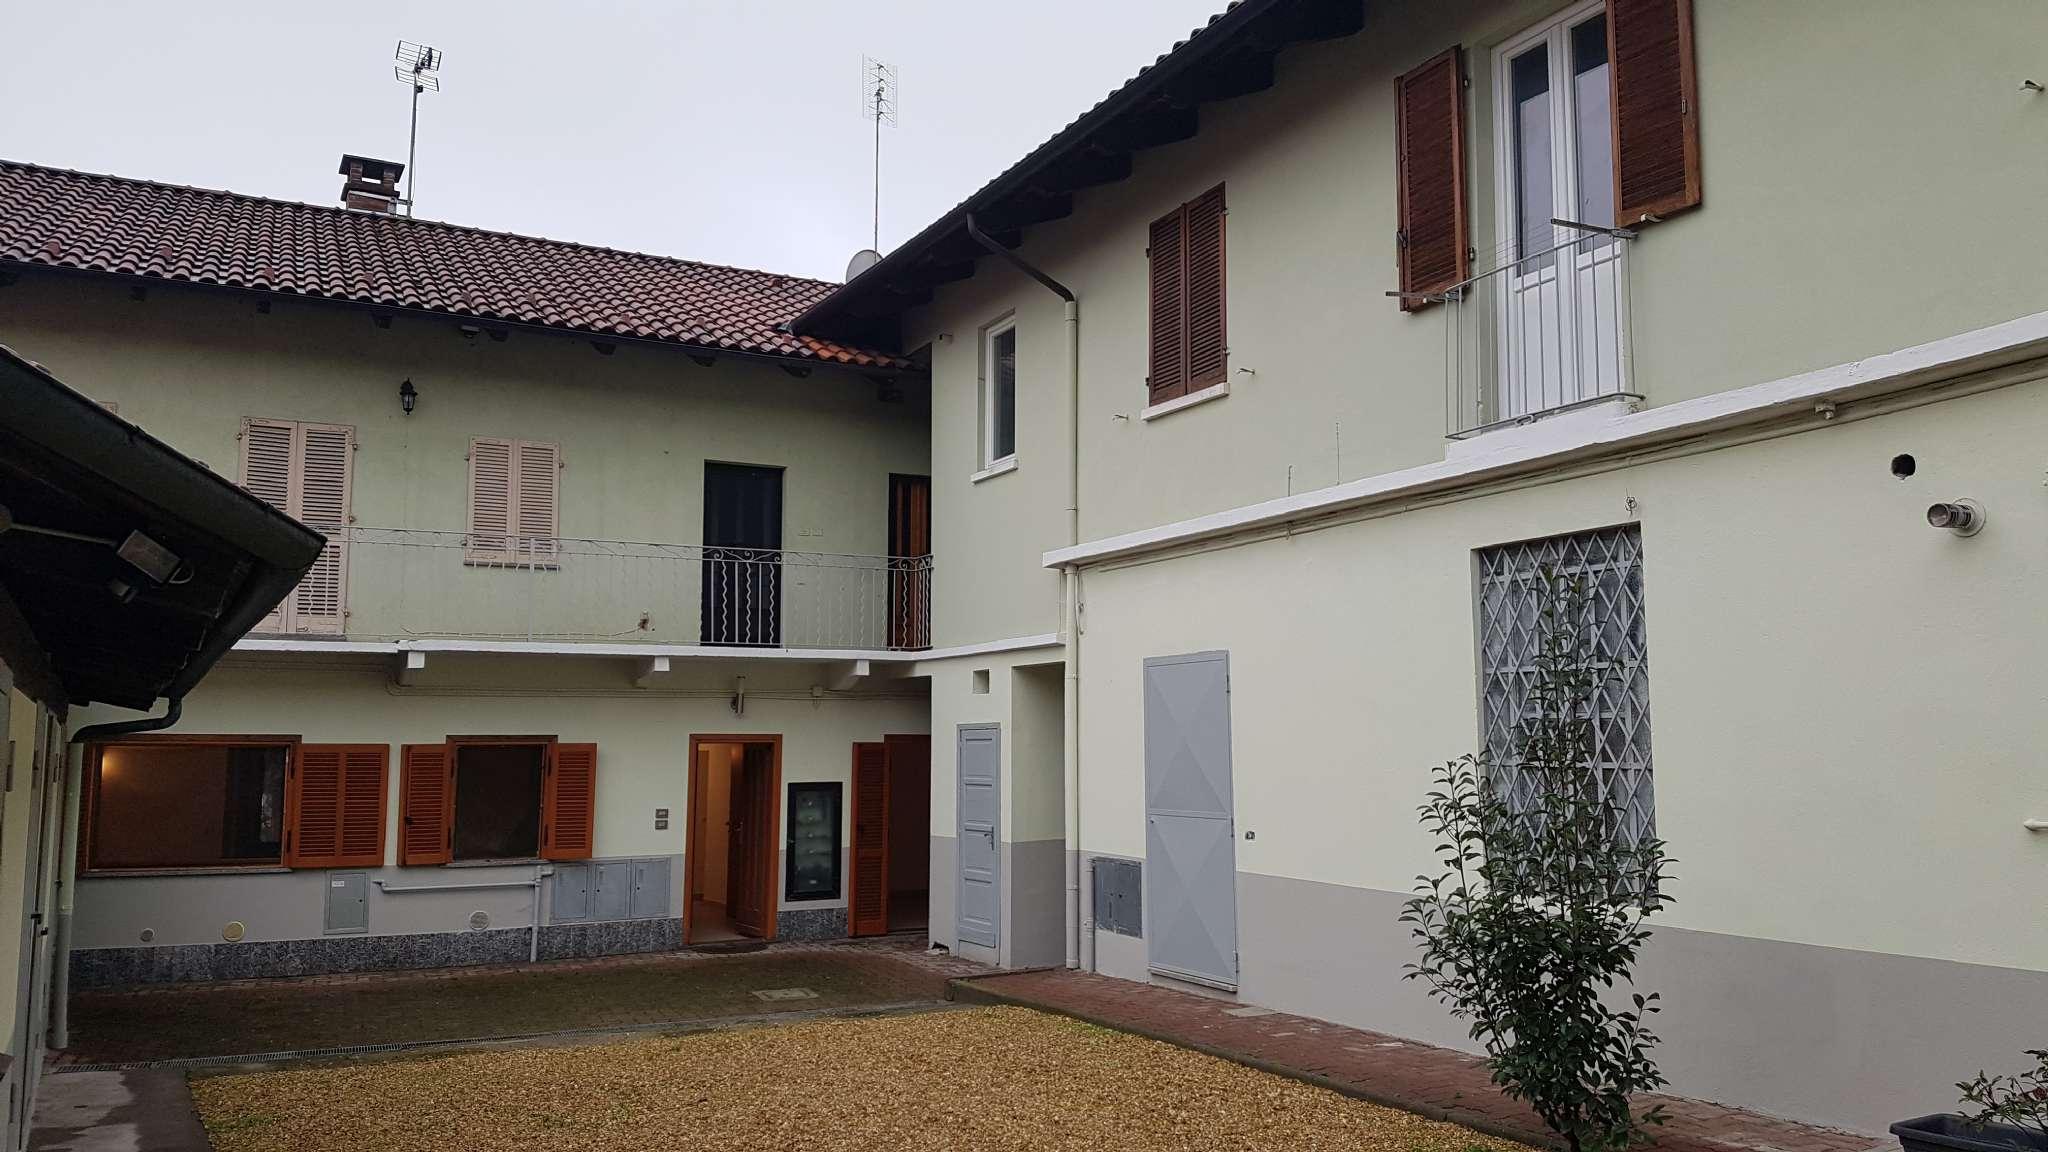 Appartamento in vendita a Trofarello, 2 locali, prezzo € 90.000 | CambioCasa.it